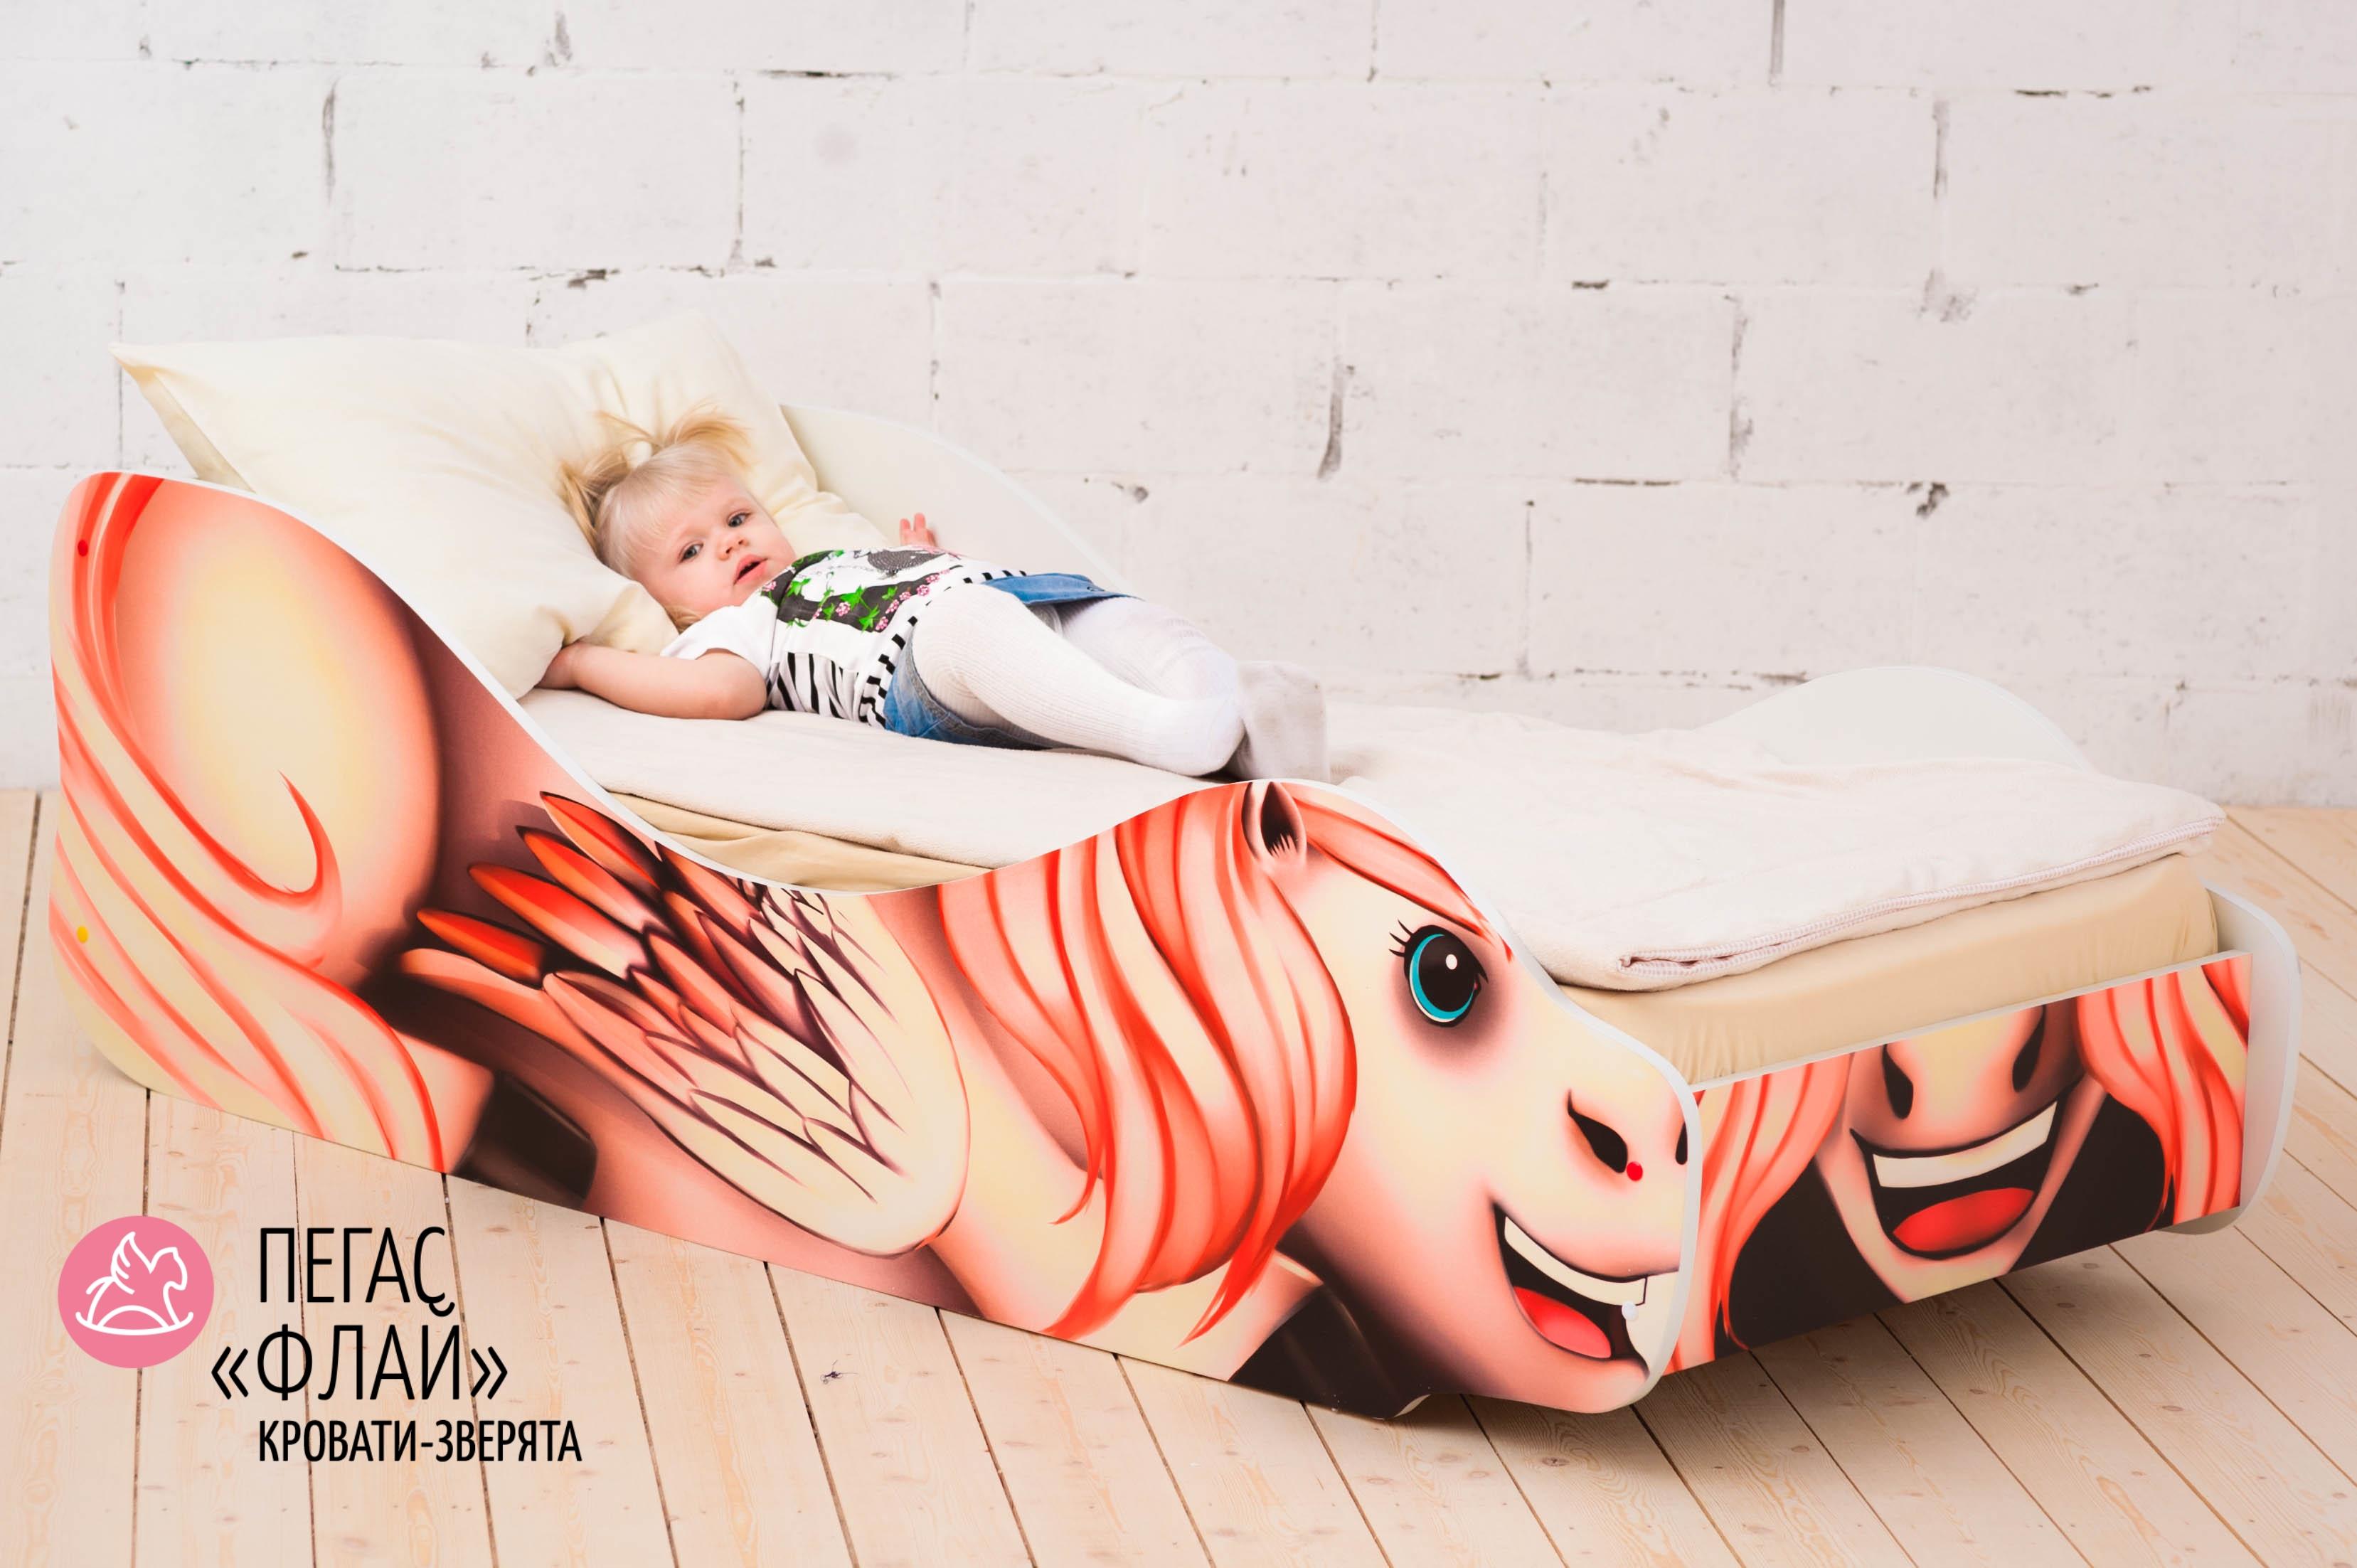 Детская кровать-зверенок -Пегас-Флай-2